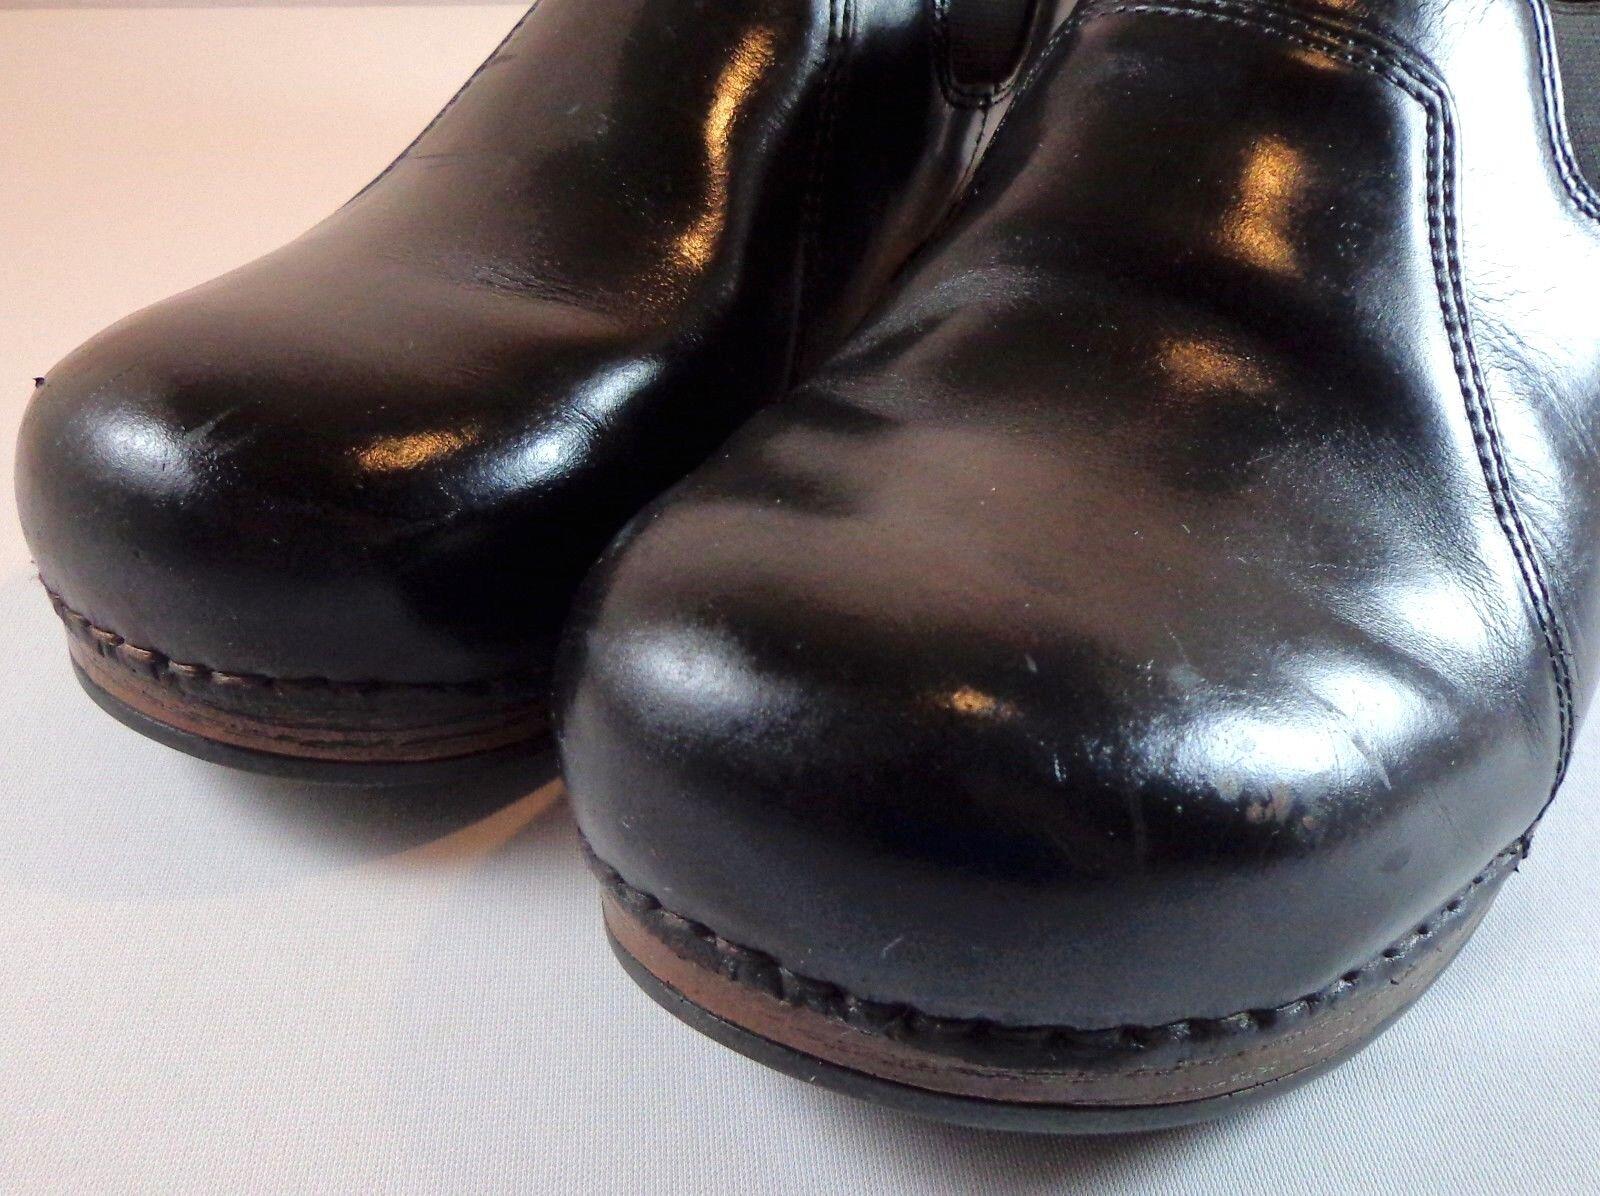 les les les femmes dansko xp feuillet de cuir noir chaussures taille 42 (us 11,5 - 12) 9dff06